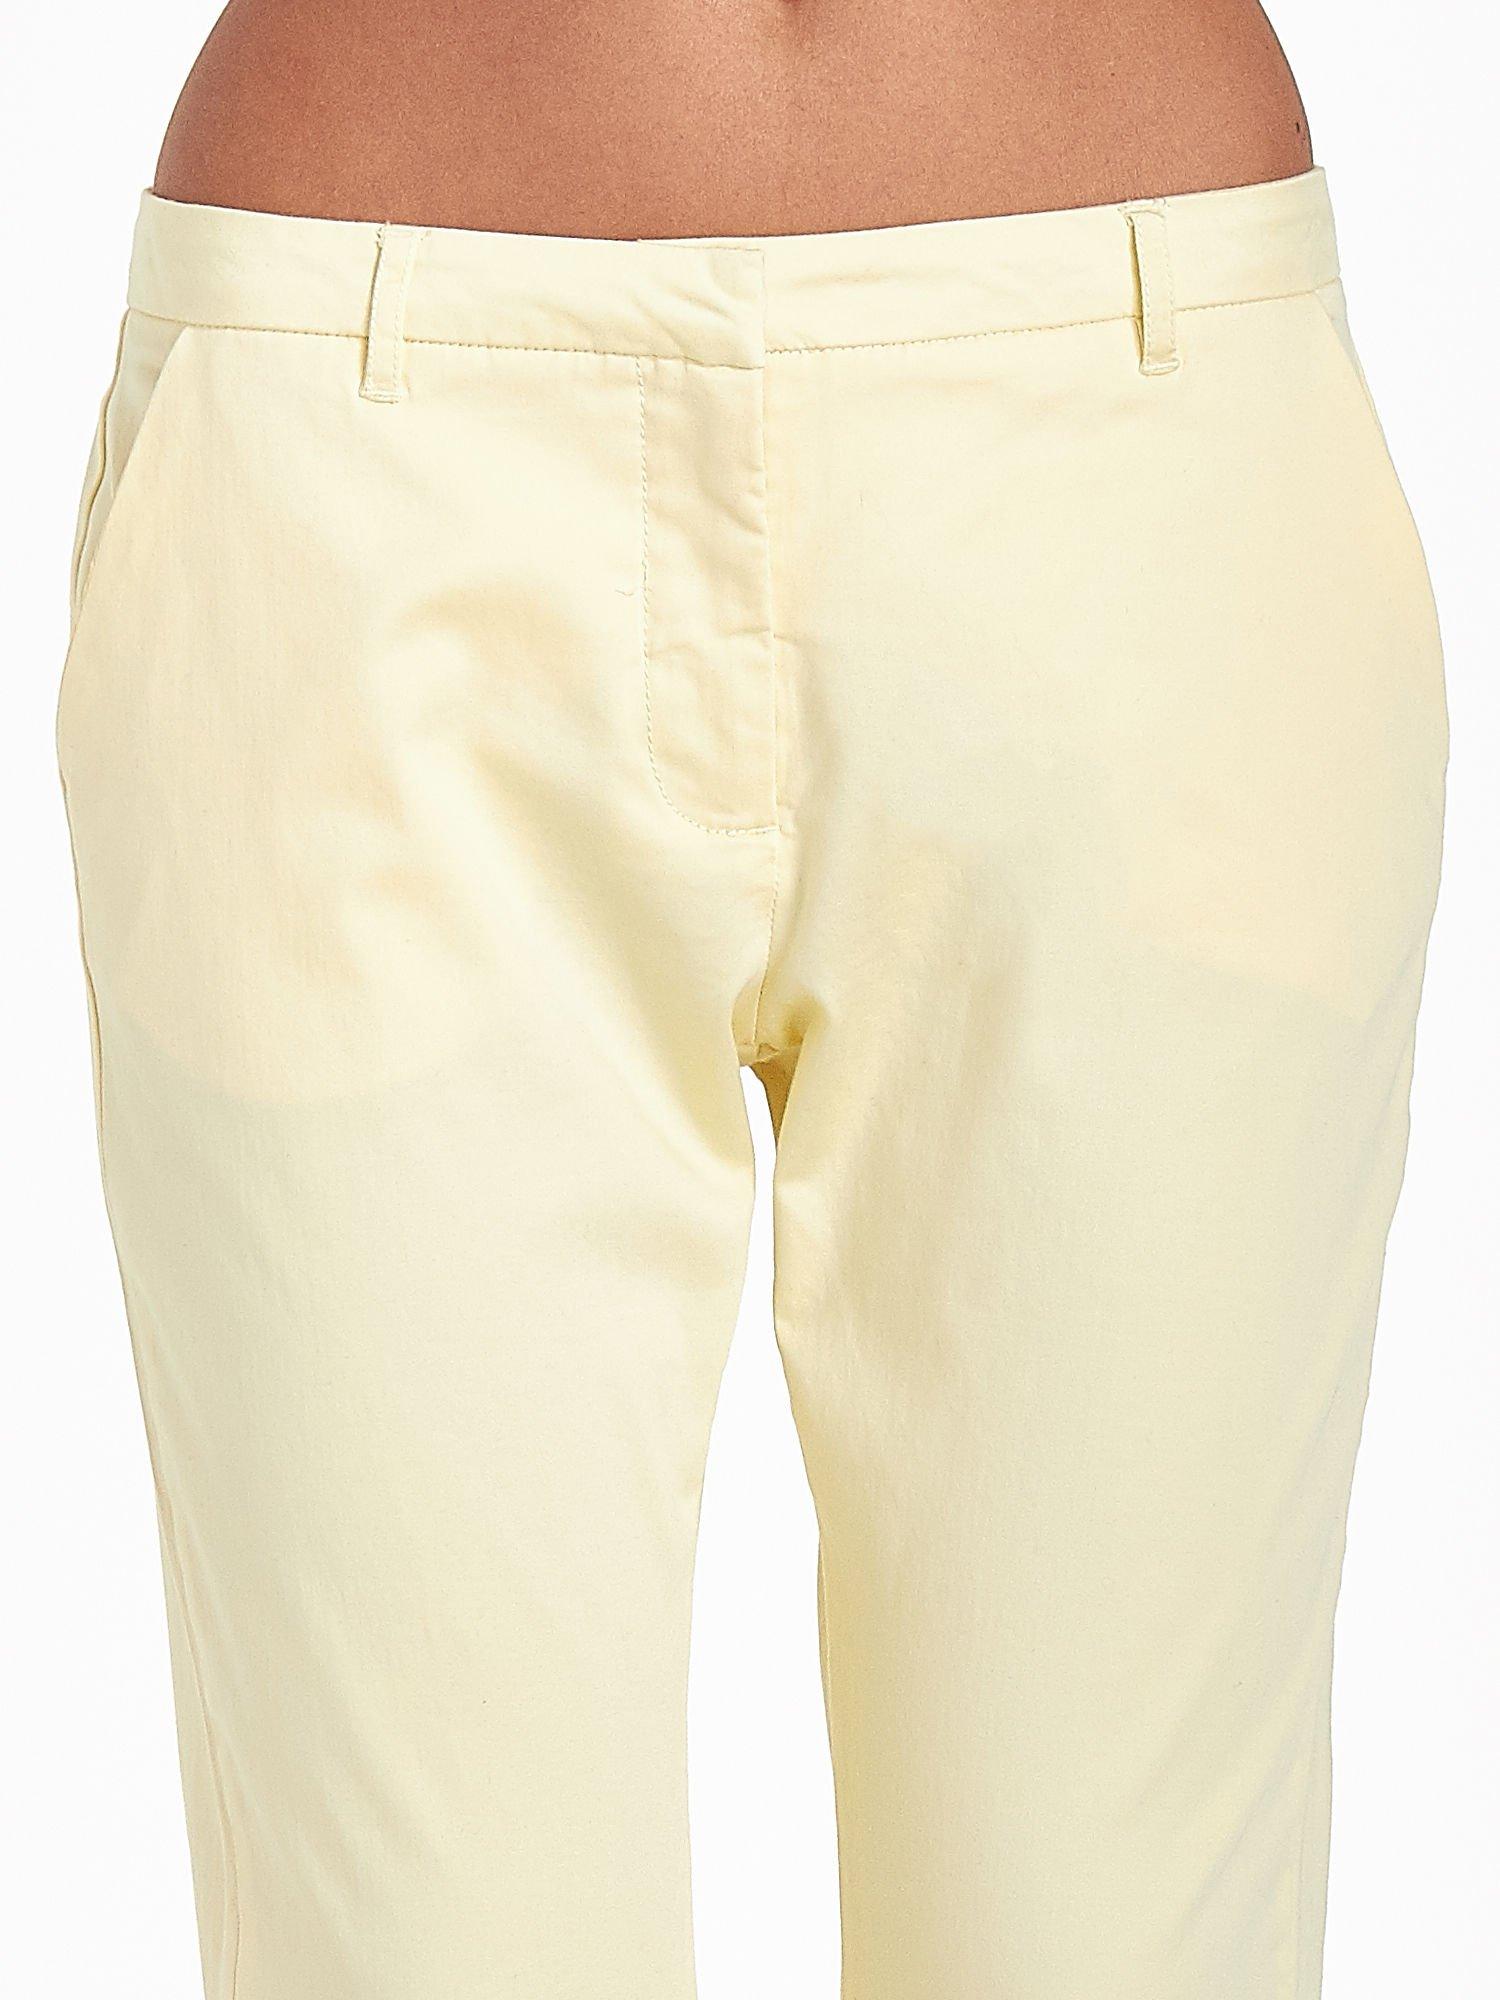 Jasnożółte eleganckie spodnie za kolano                                  zdj.                                  5